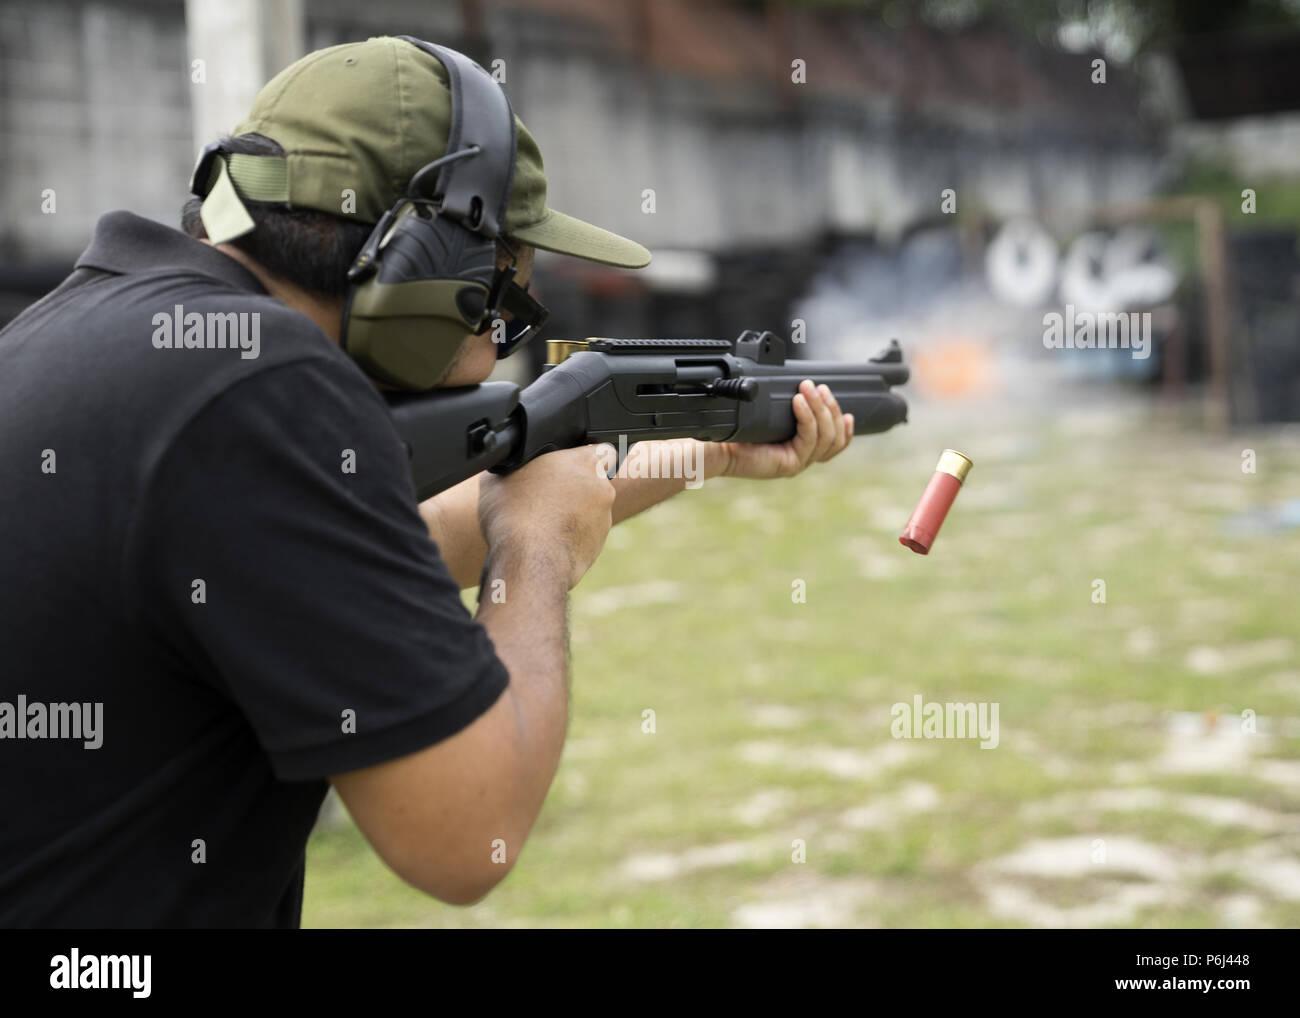 Prise de l'homme sur un stand de tir en plein air, selective focus Photo Stock